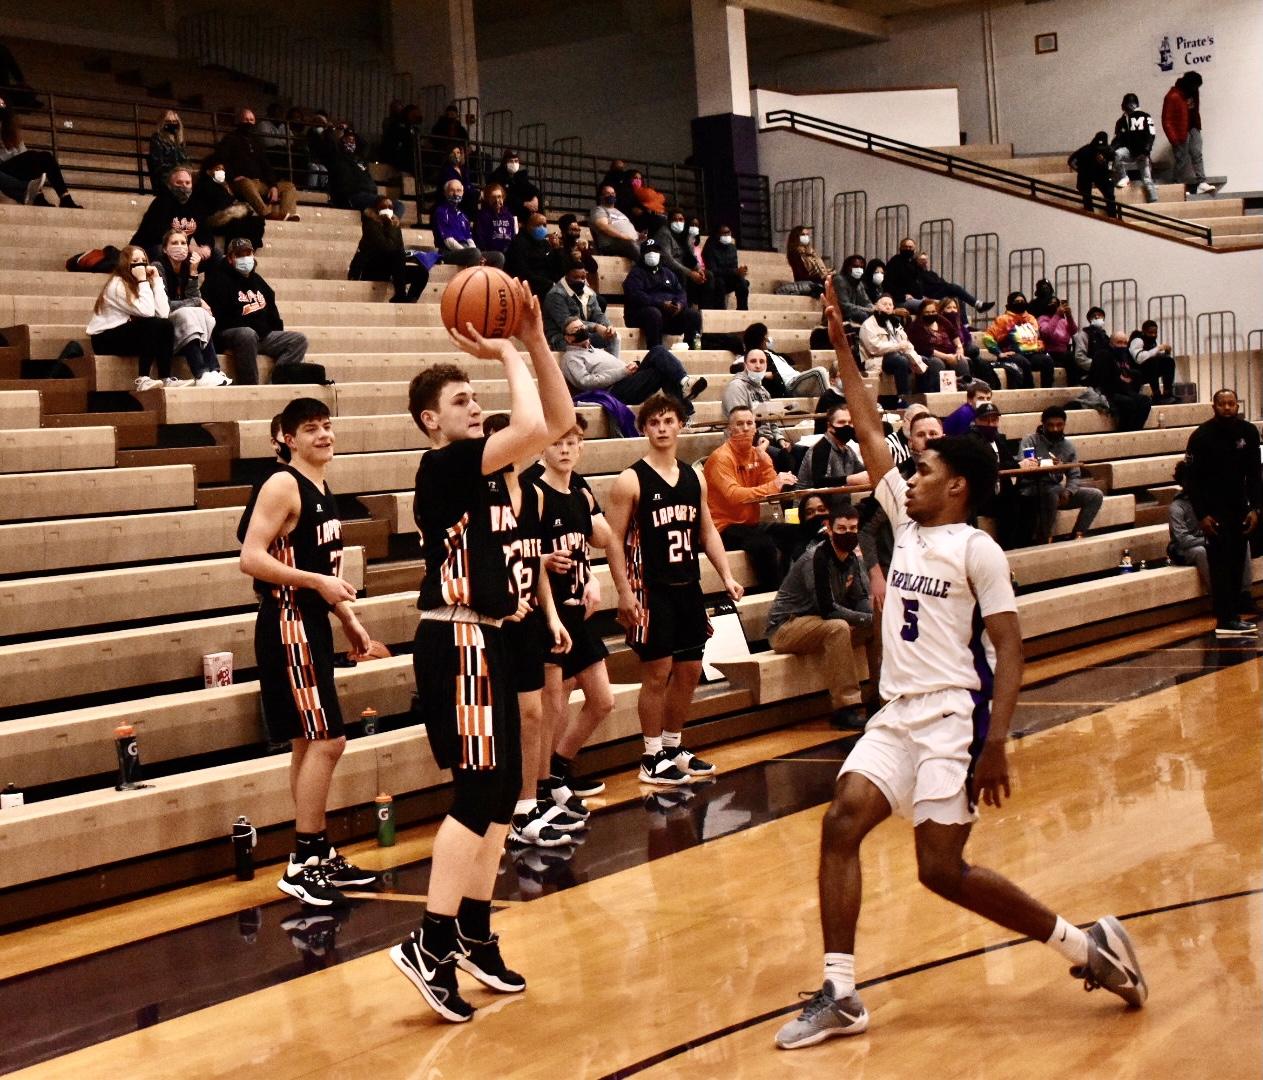 JV Boys Basketball vs Merrillville